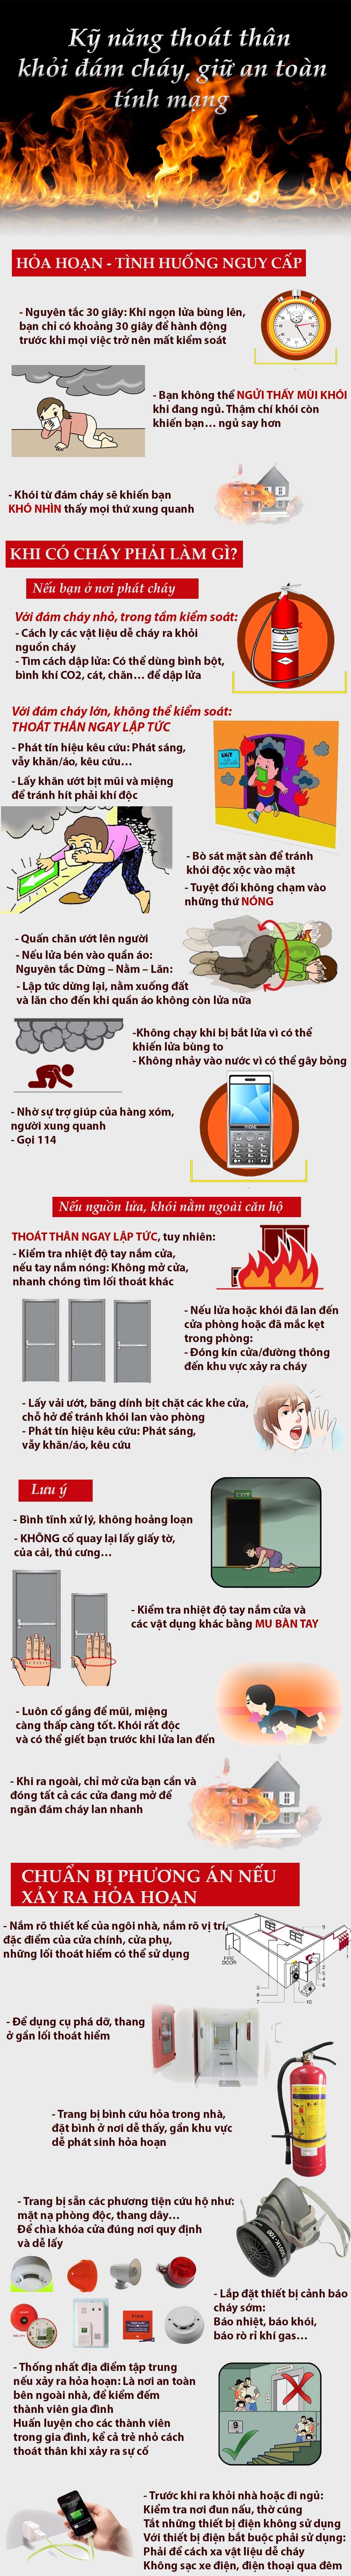 Thảm hoạ cháy 8 người chết ở Hà Nội: Kỹ năng thoát thân khỏi đám cháy - 1